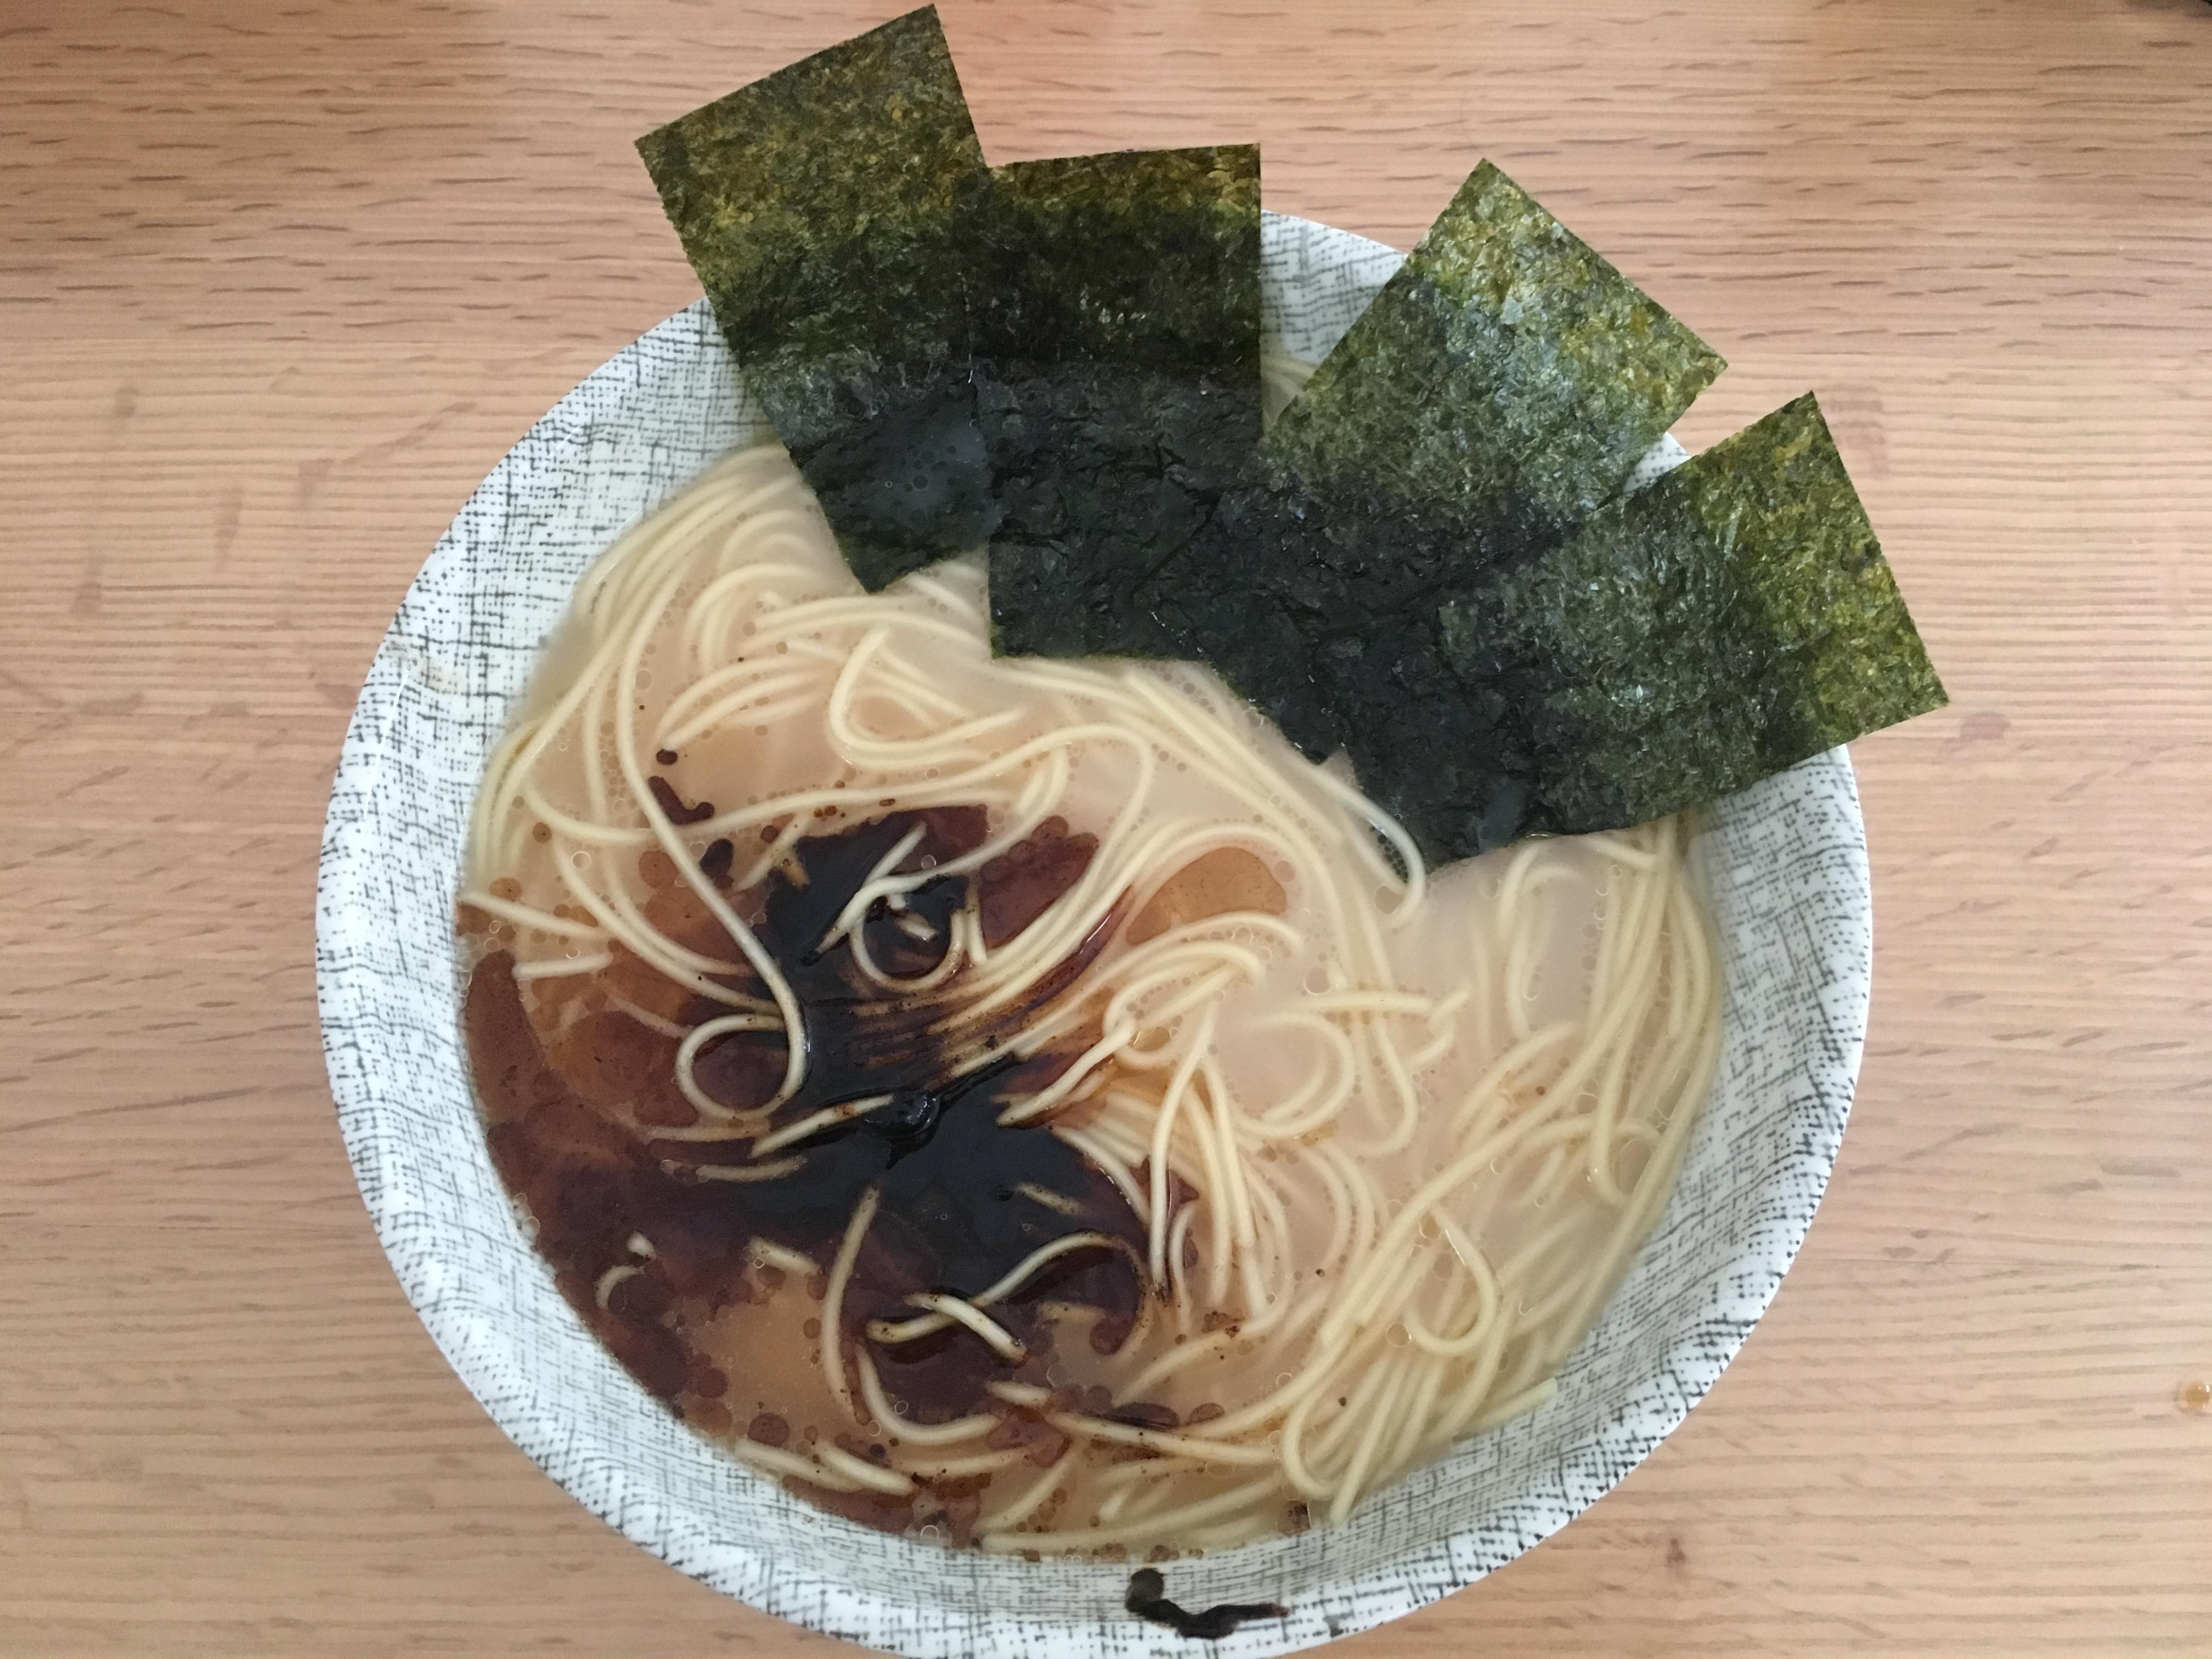 熊本の有名ラーメン店、黒亭のお土産麺「熊本ラーメン 黒亭」